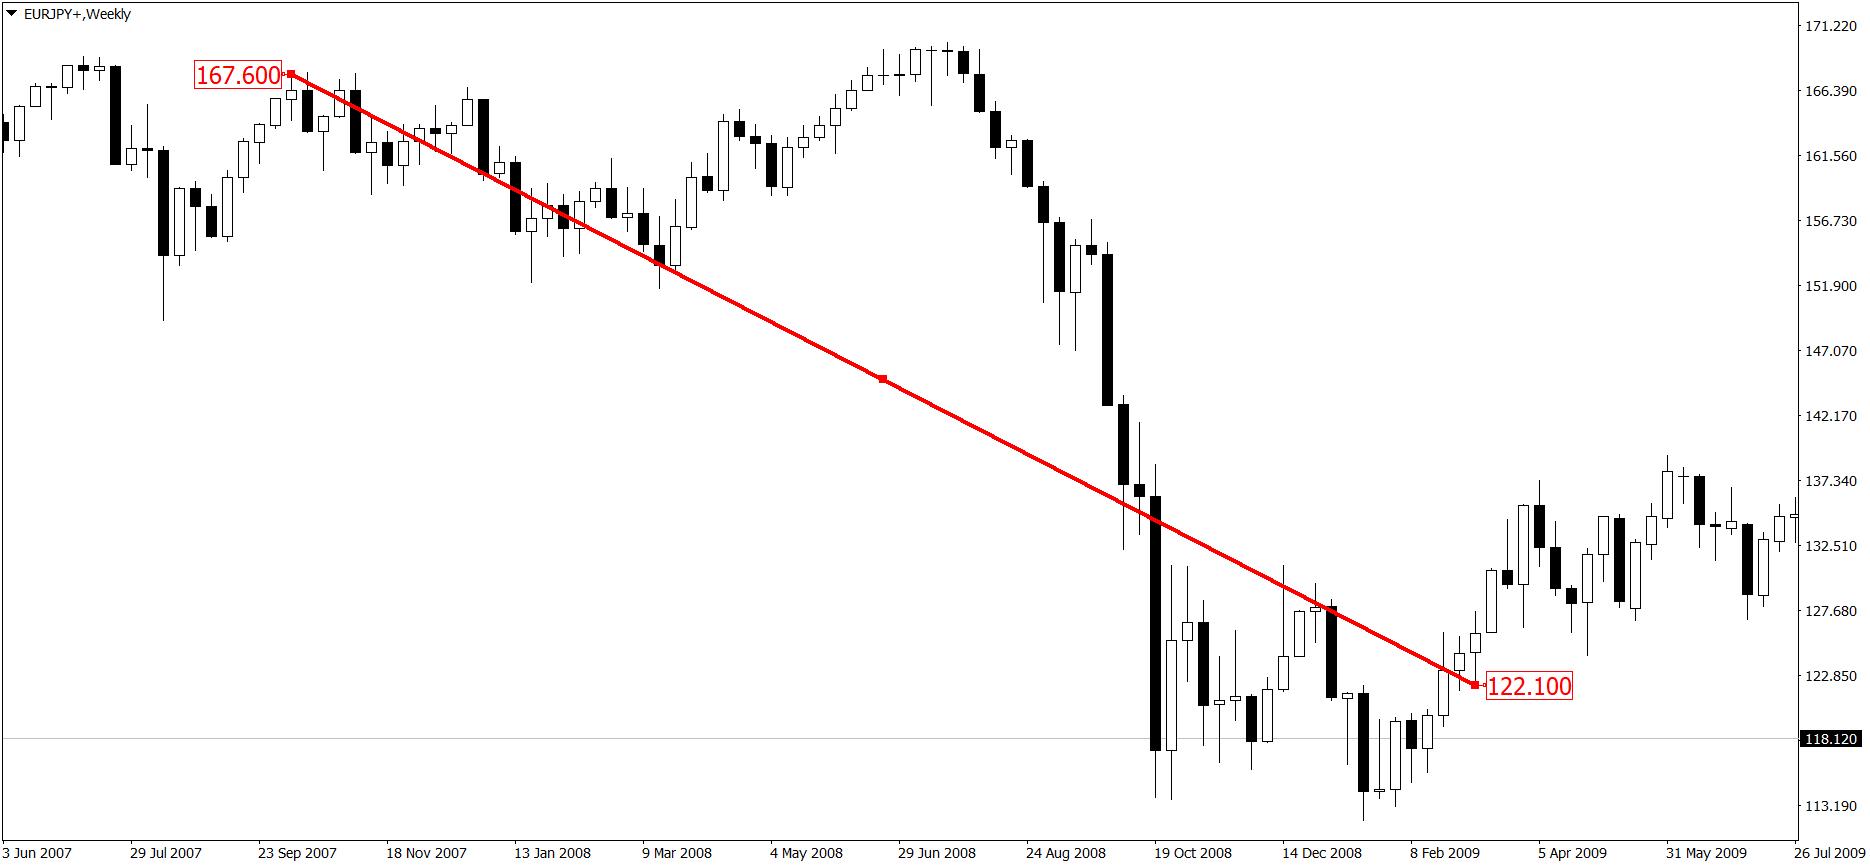 Wykres tygodniowy EUR/JPY